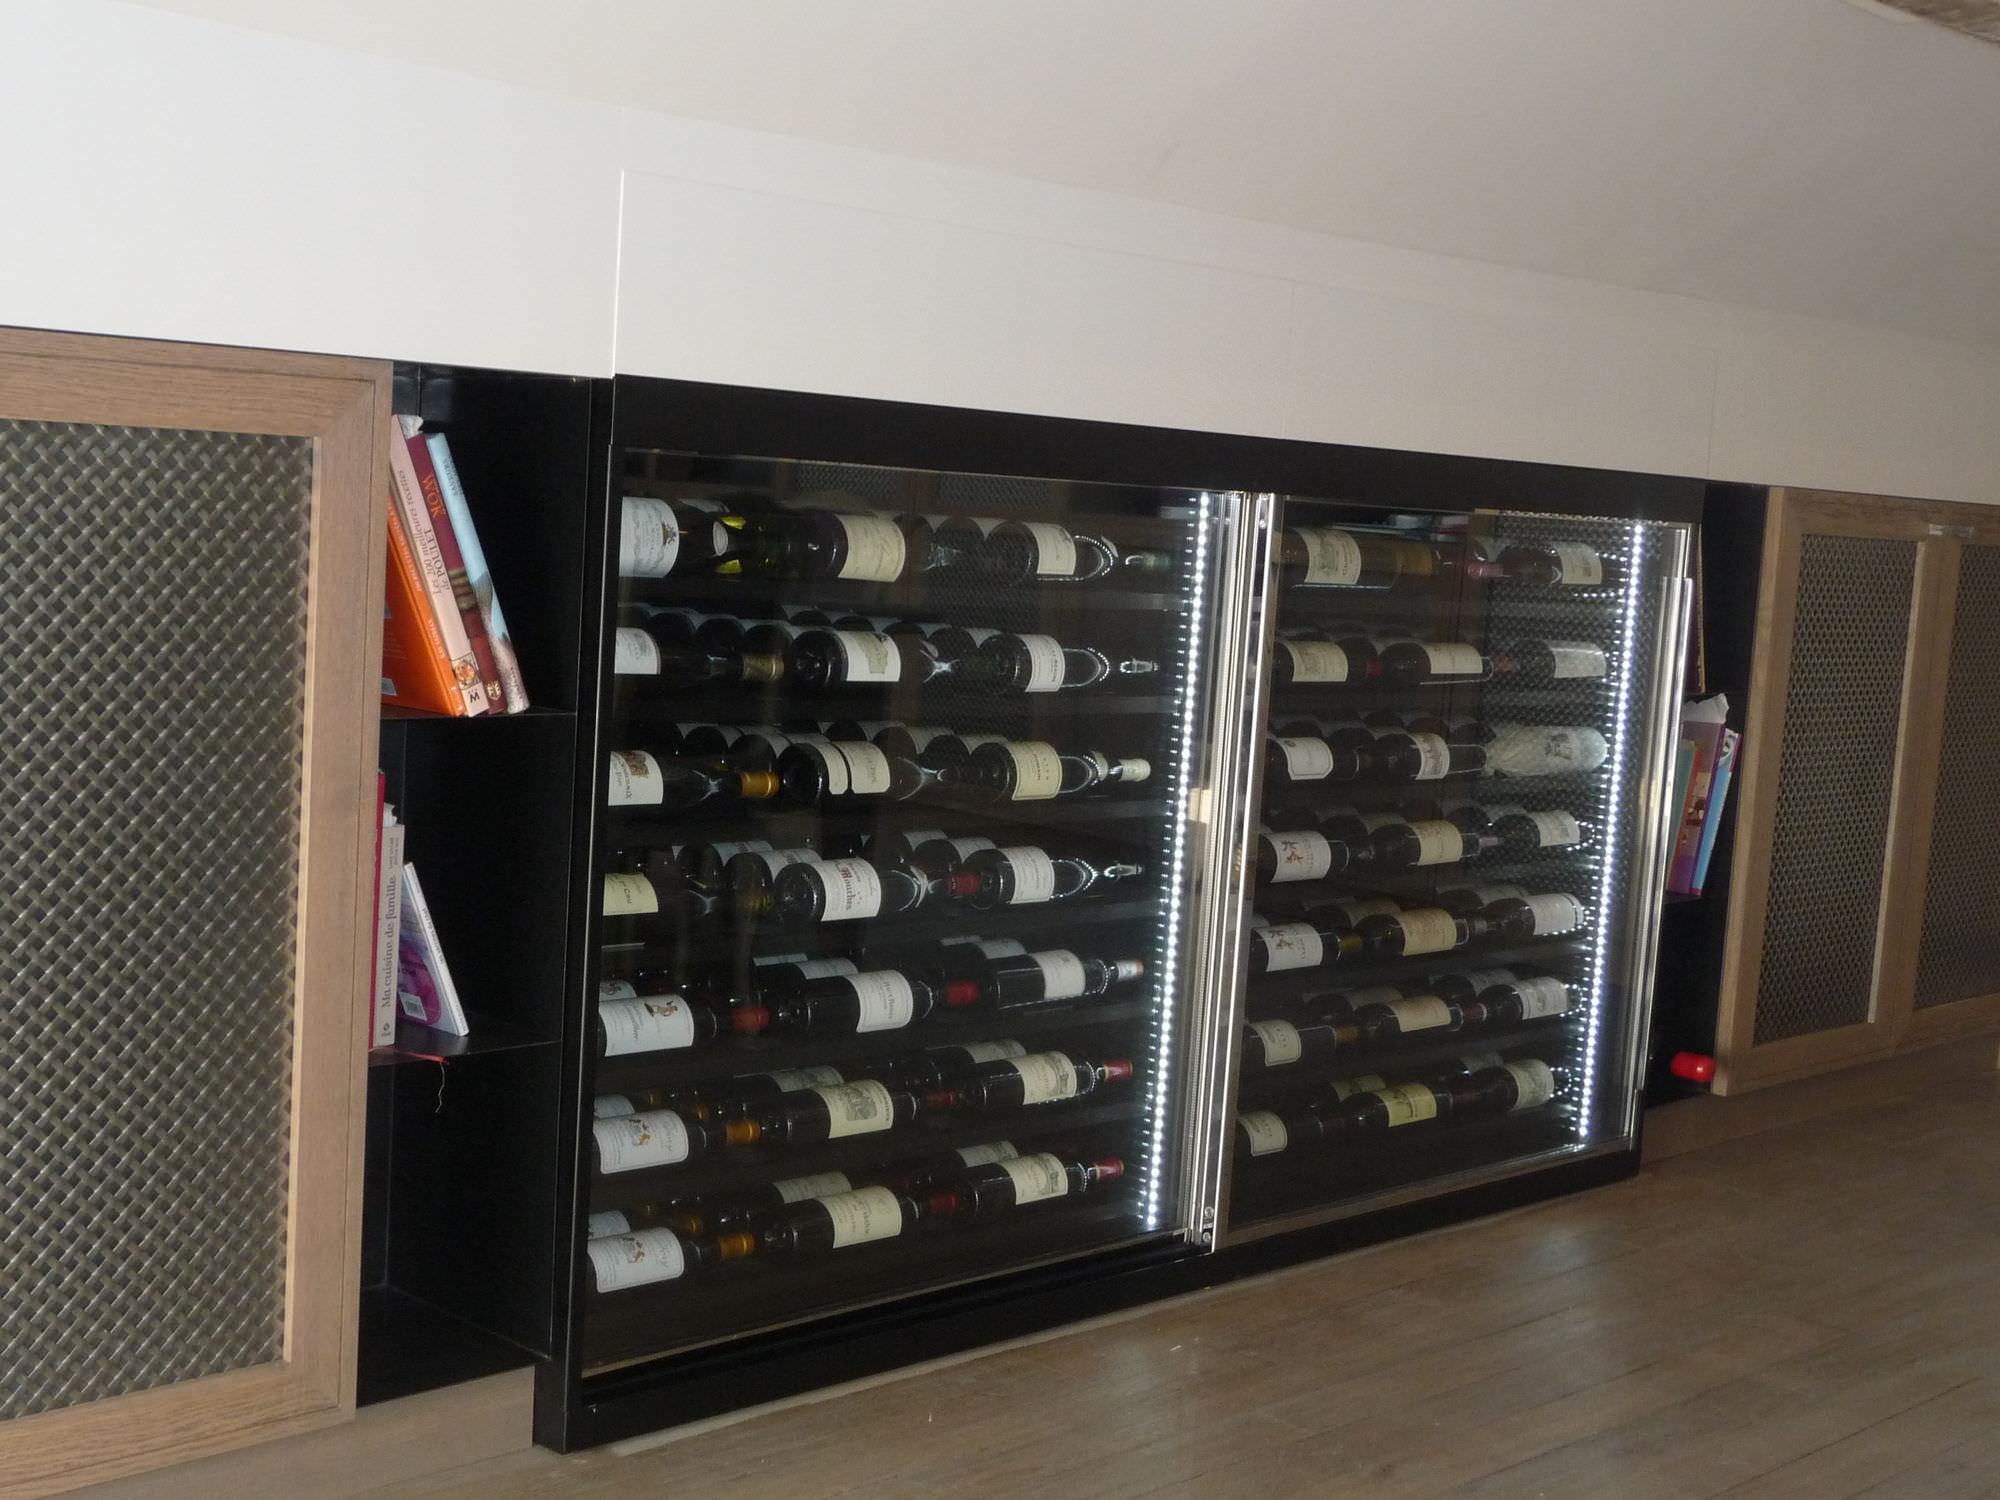 je m offre le luxe d une cave a vin. Black Bedroom Furniture Sets. Home Design Ideas